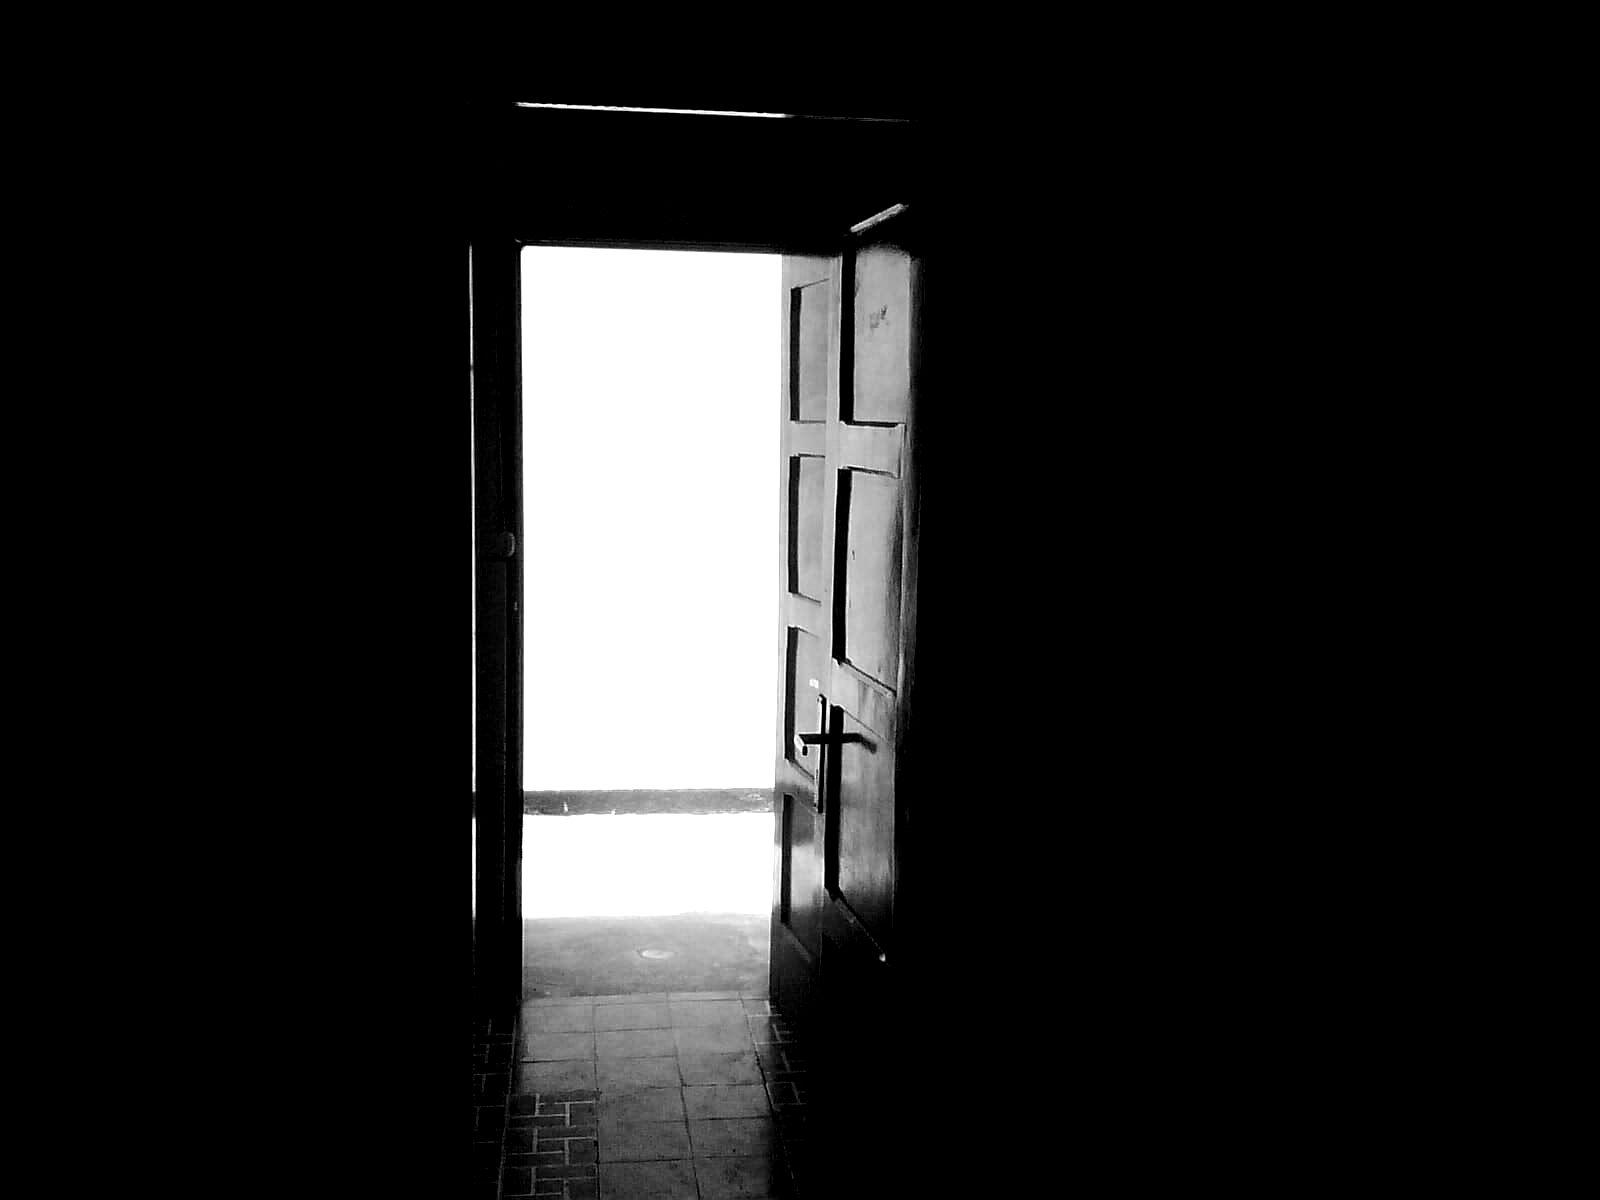 emoci n y vida cuando una puerta se cierra